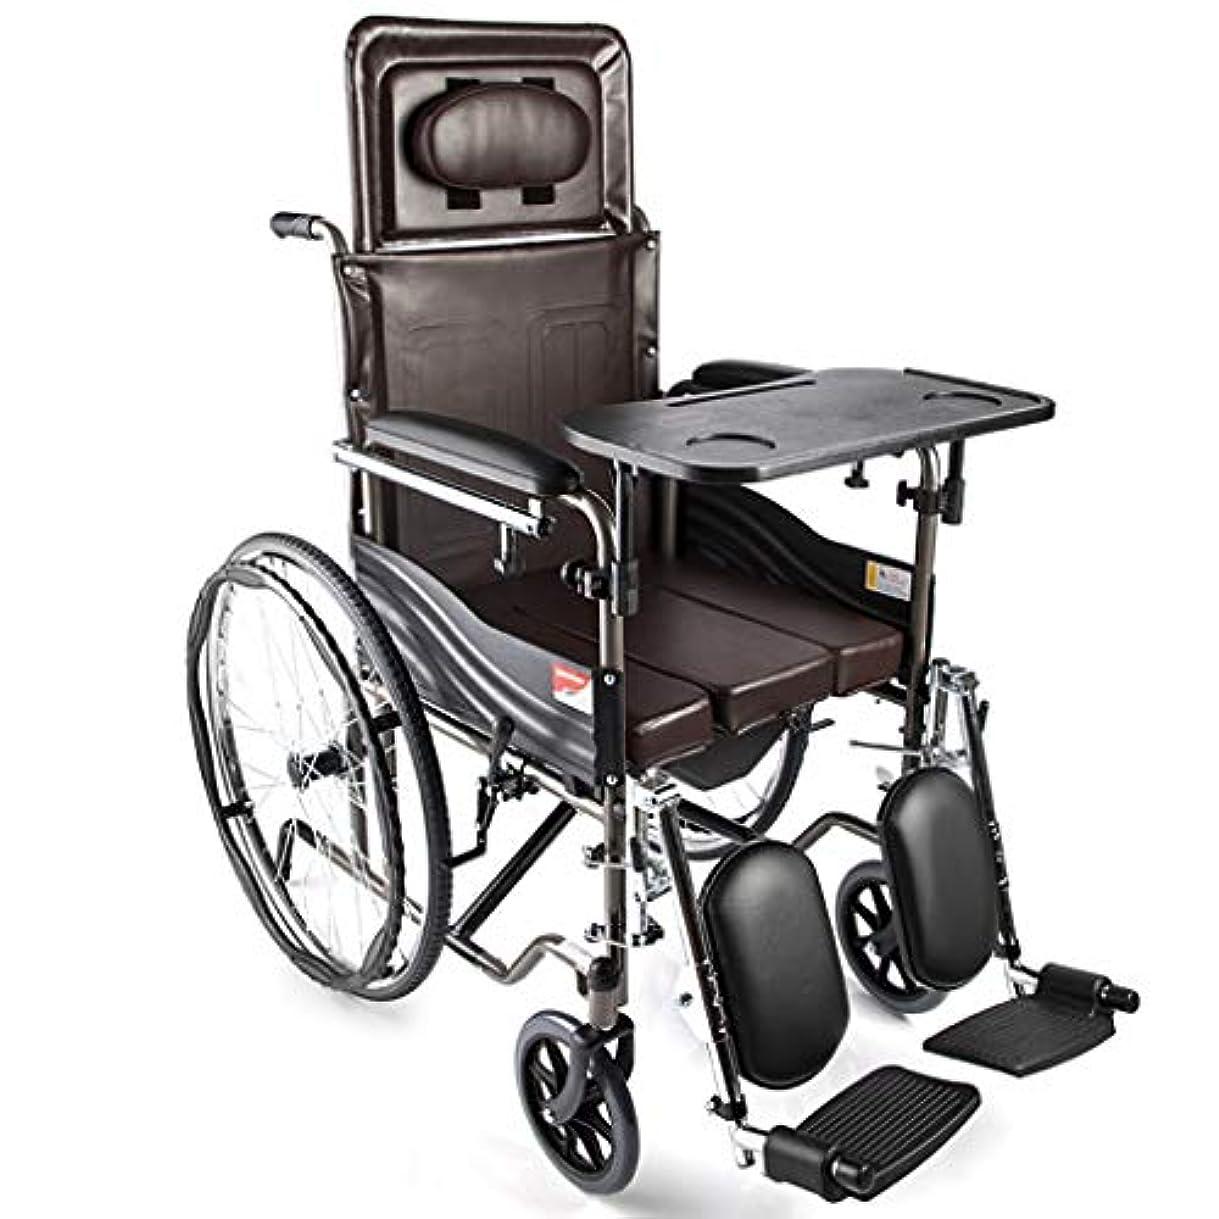 鋸歯状冗長どこにでもポータブル車椅子折りたたみ、セミリカンベントチェア、高齢トロリー、多目的、身体障害者用屋外車椅子